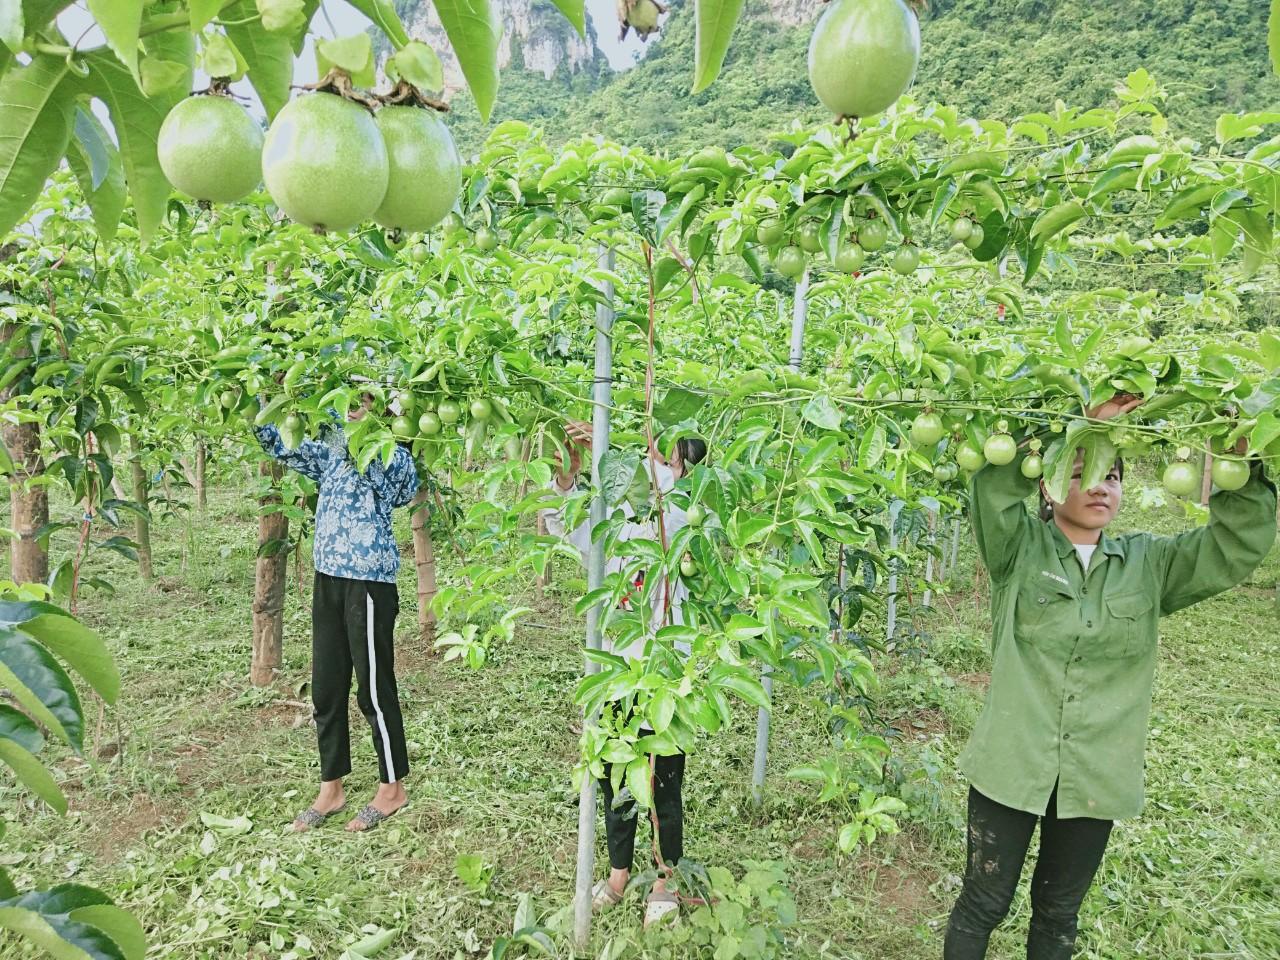 Mô hình trồng cây chanh leo tại xóm Lũng Mòn, xã Lê Lai.